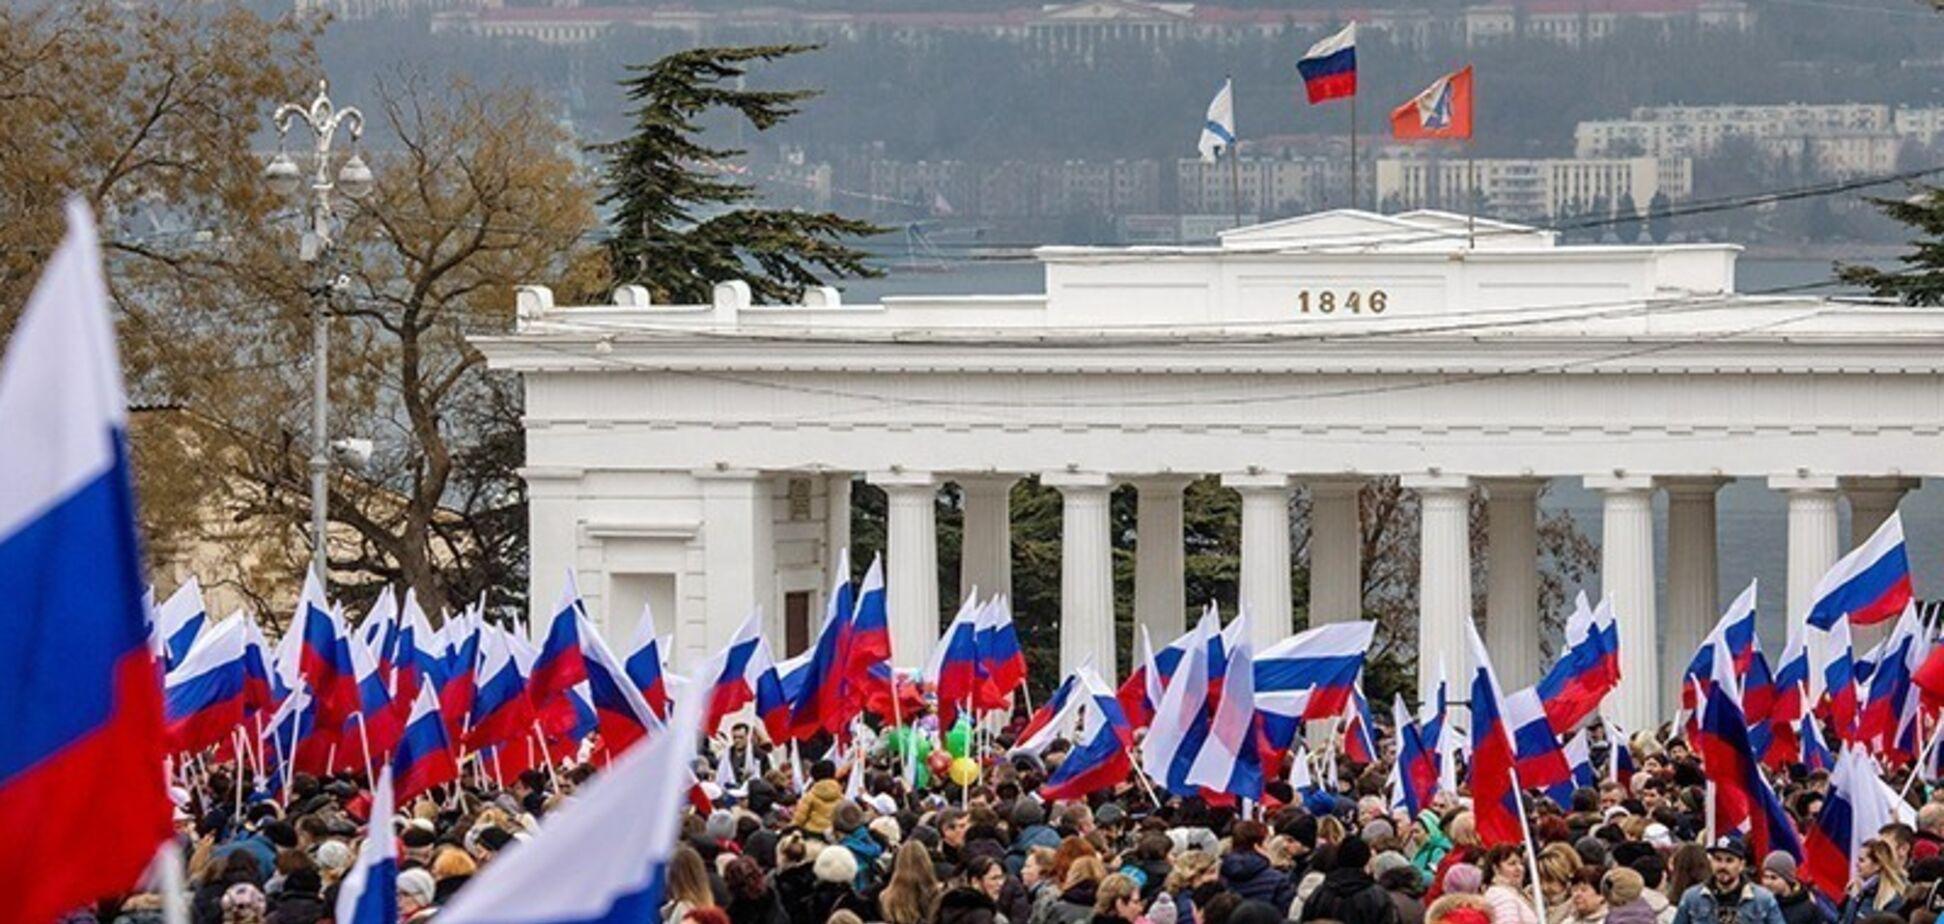 Аннексия Крыма Россией